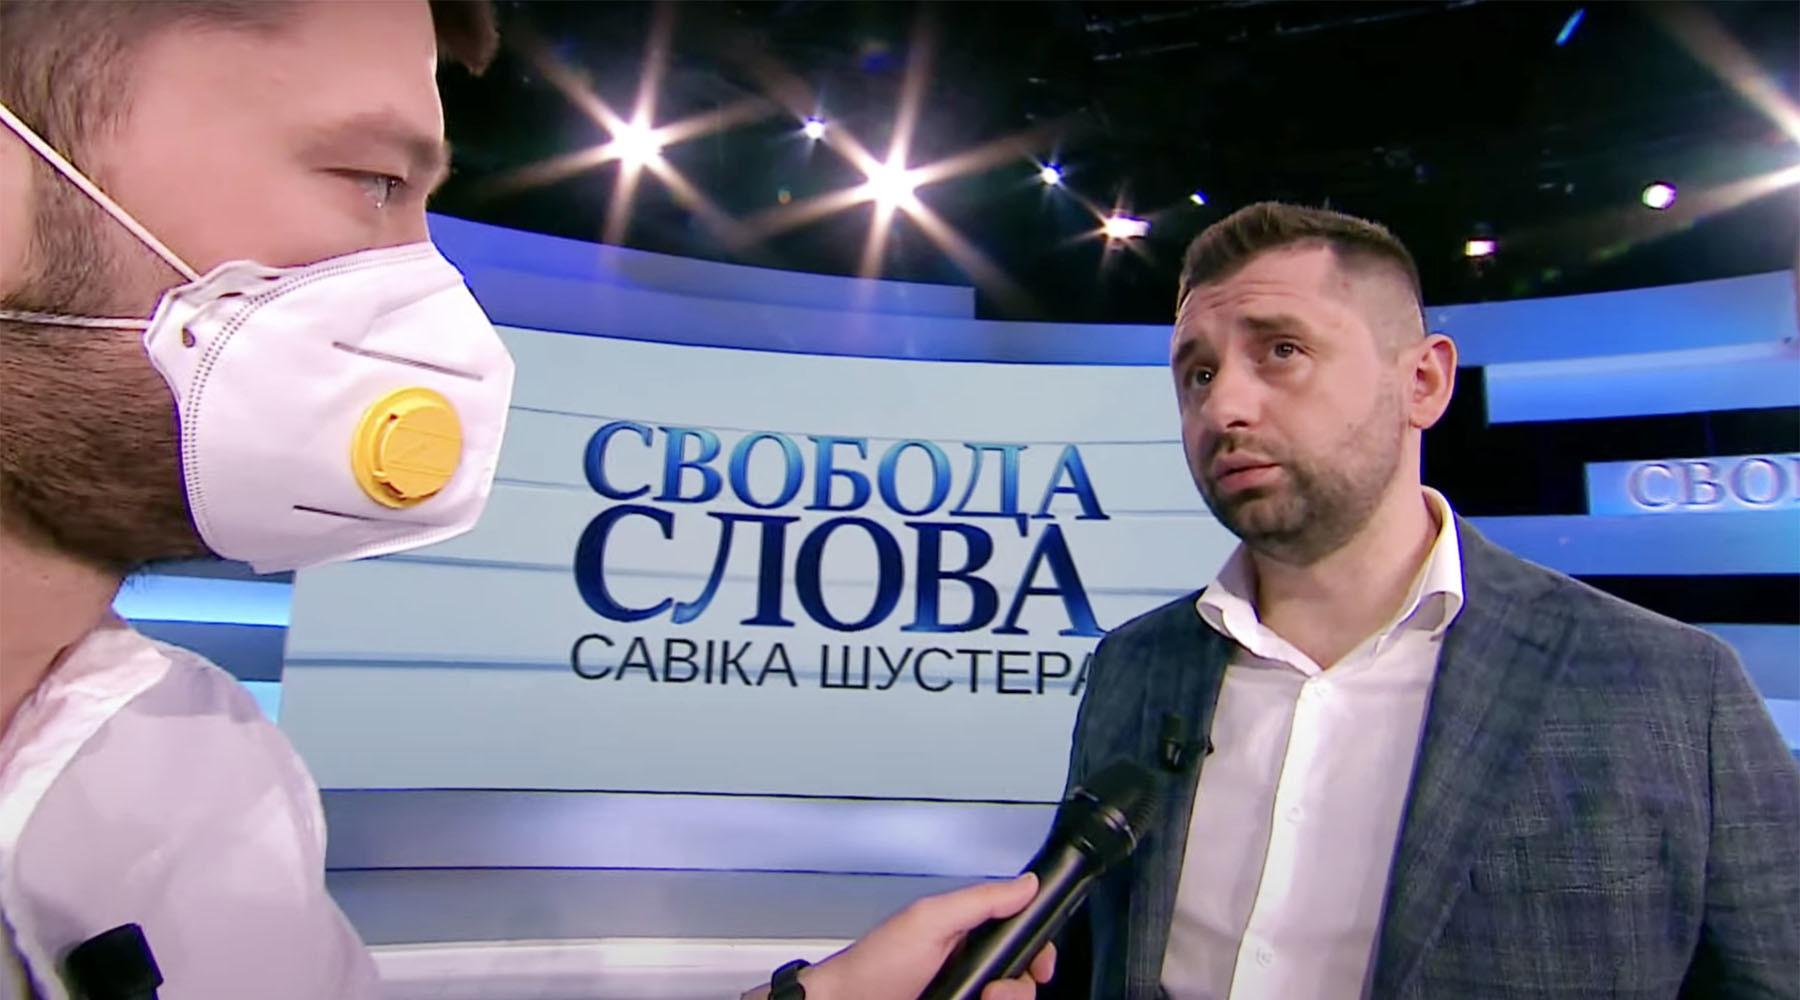 Последние новости Украины сегодня — 26 апреля 2020: последствия пожаров в чернобыльской зоне украина